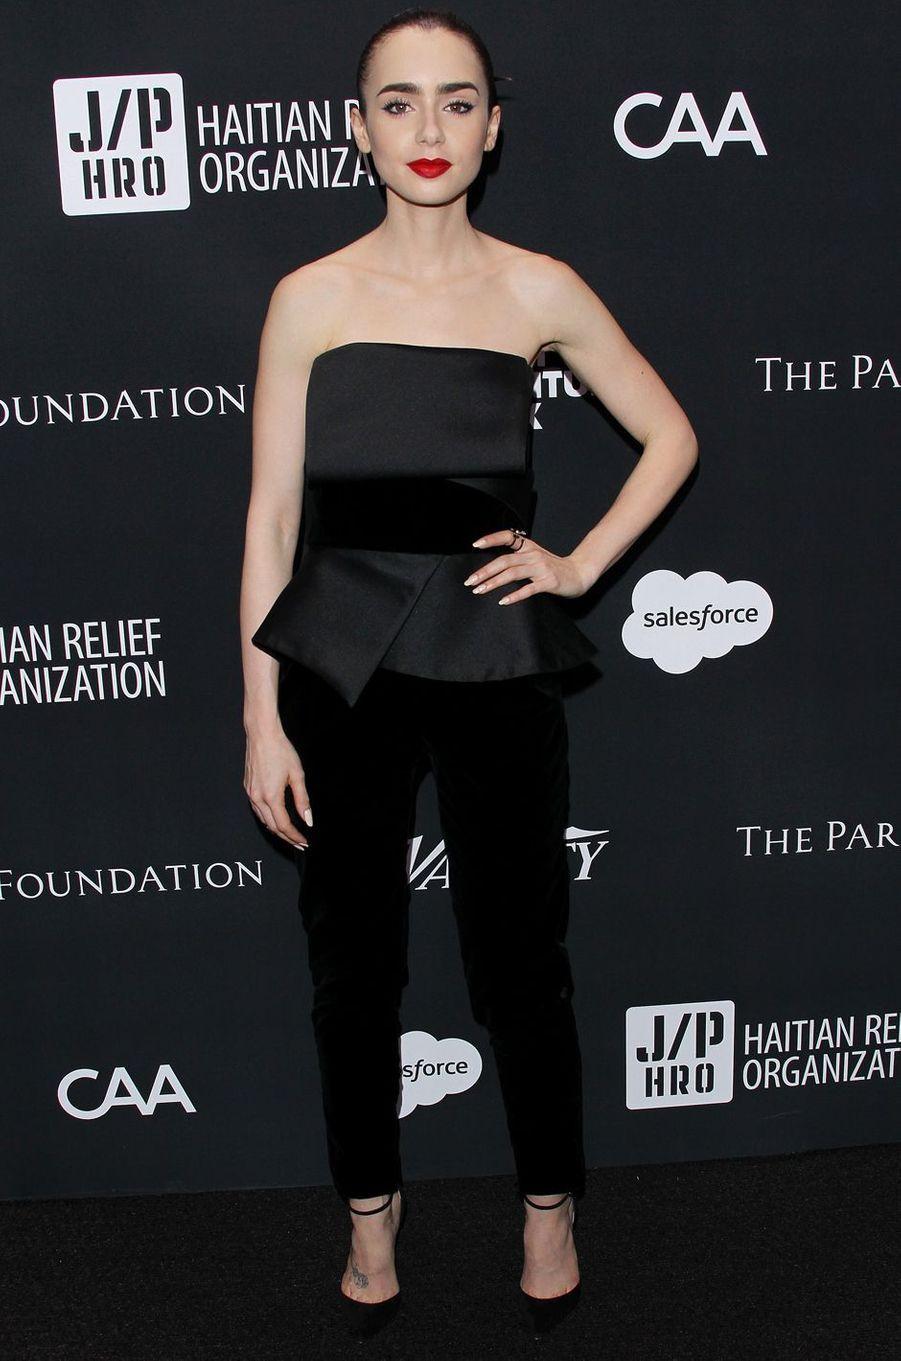 Lily Collinsau gala de la J/P Haitian Relief Organization, la fondation de Sean Penn, à Beverly Hills, le 7 janvier 2017.